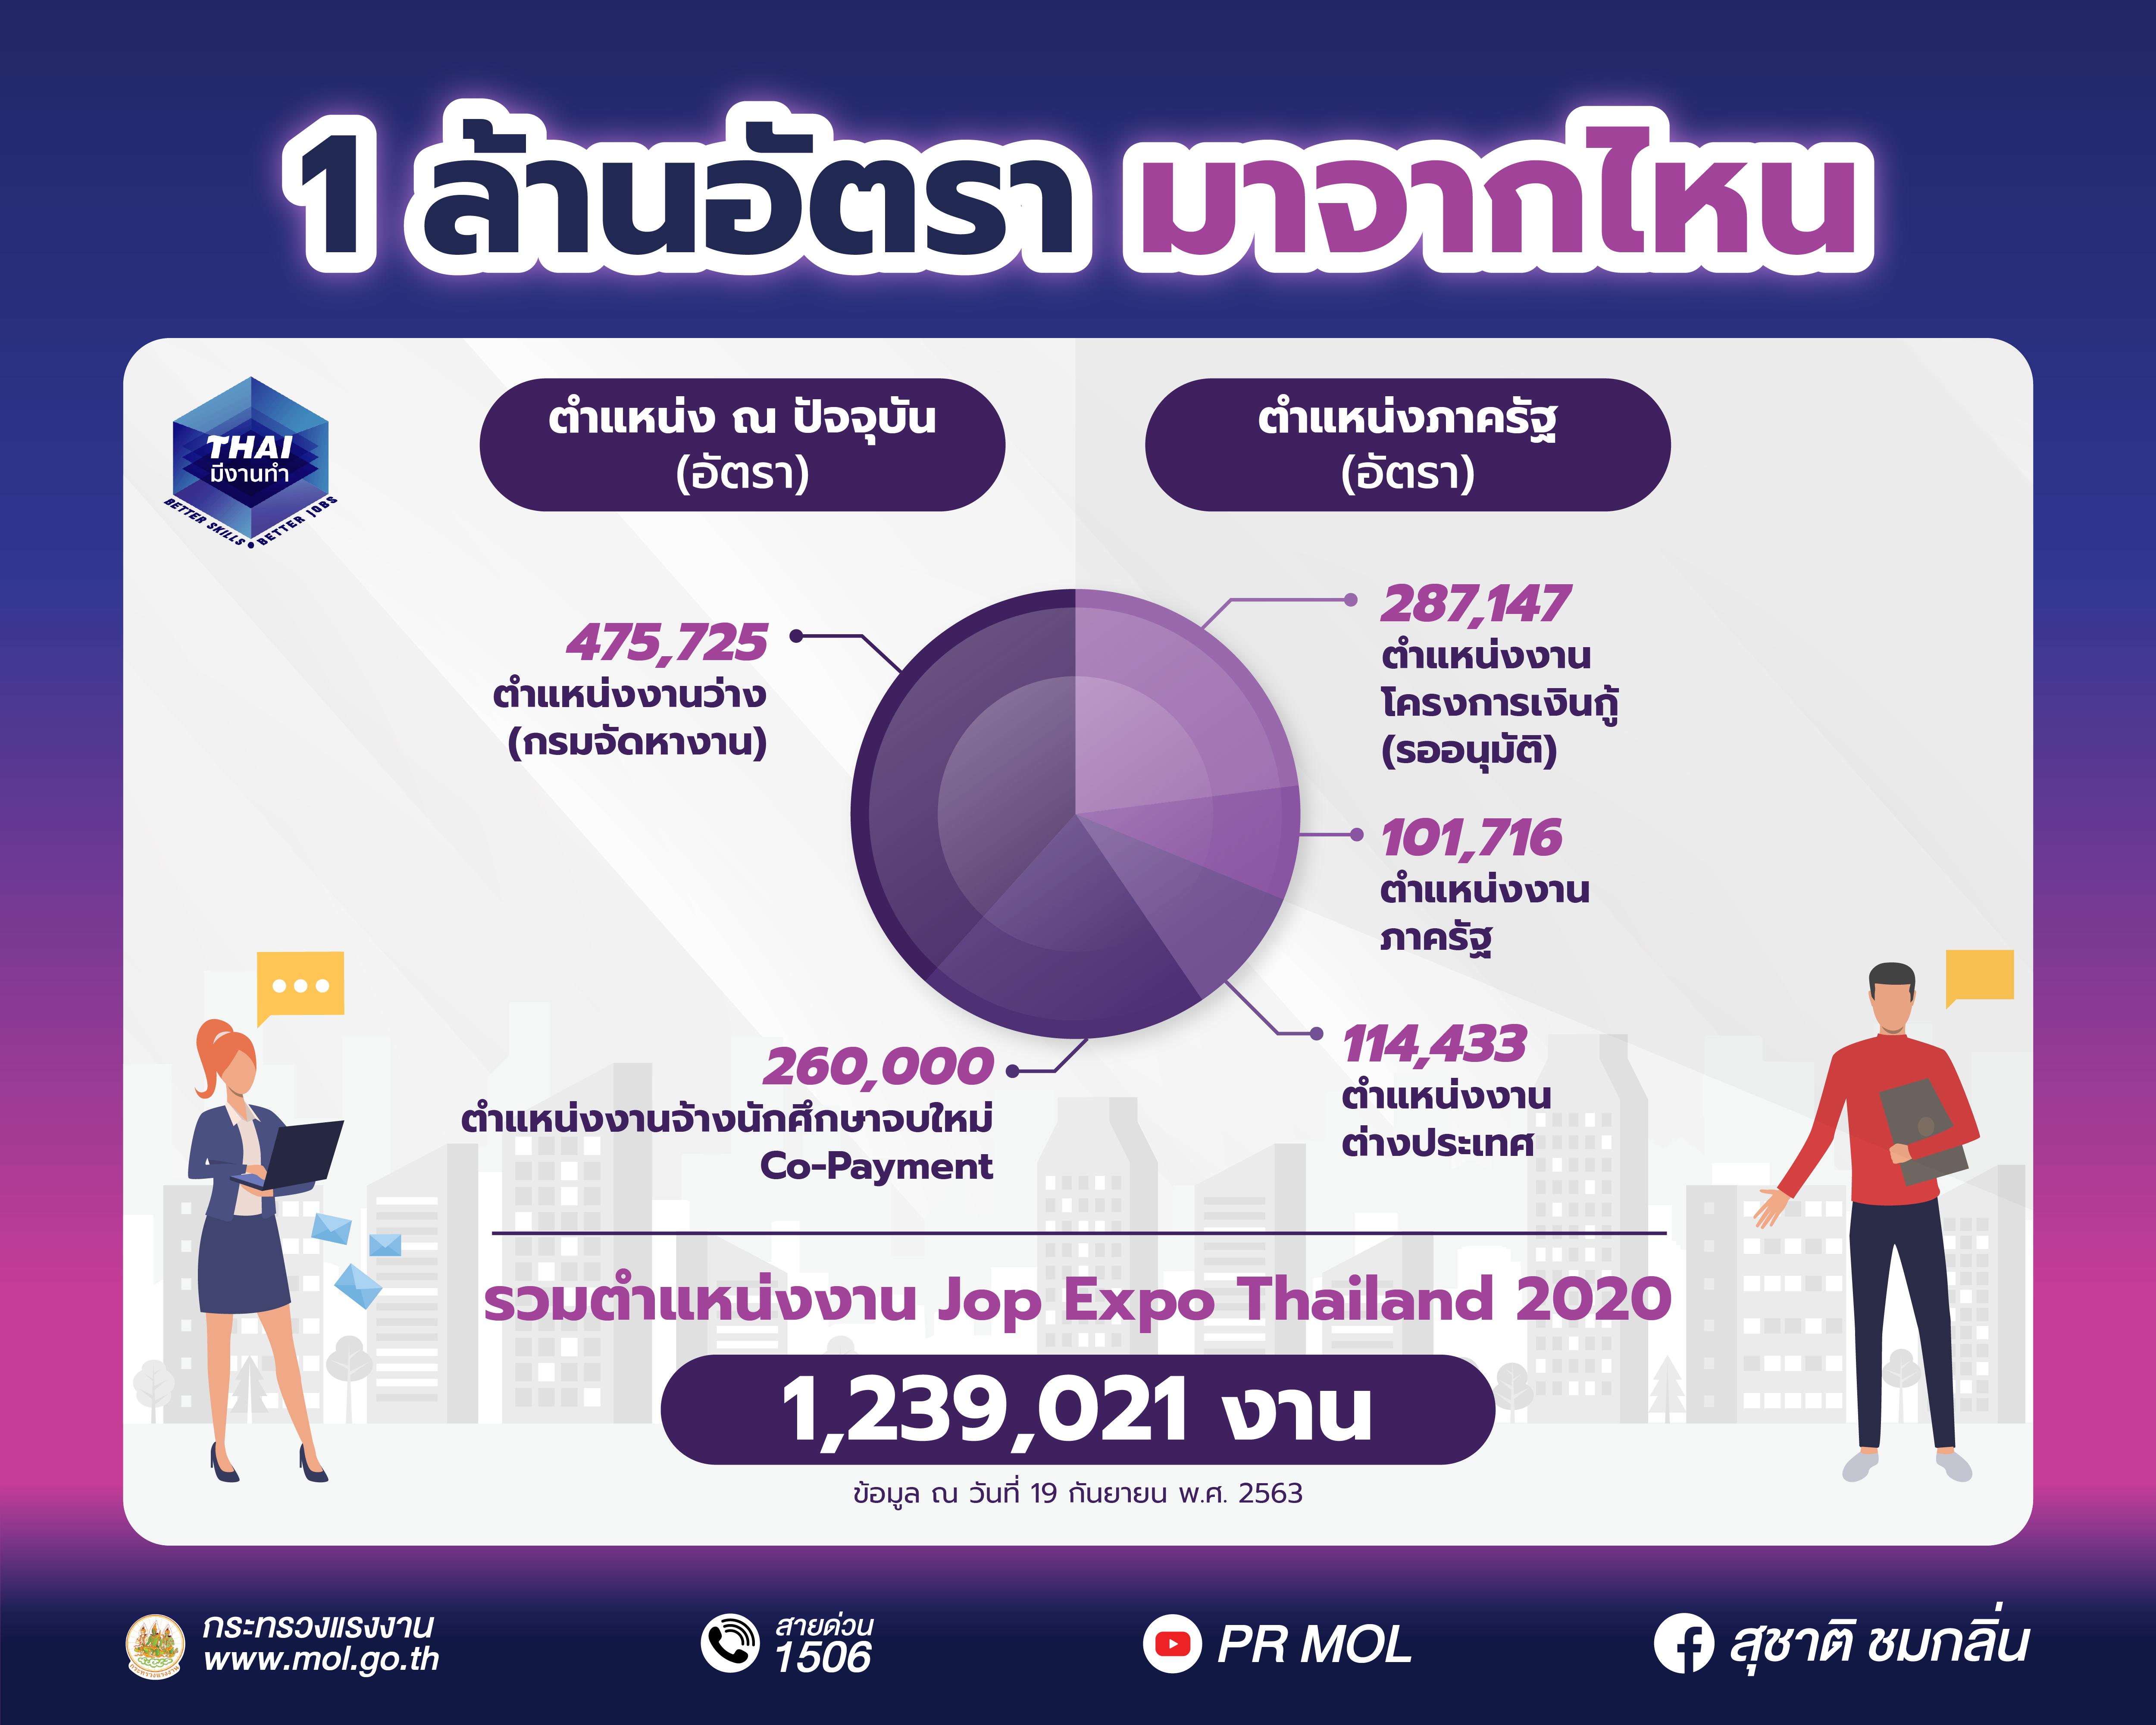 ตำแหน่งงานกว่า 1 ล้านอัตรามาจากไหน พบกันที่งาน Job Expo Thailand 2020 ที่ไบเทค บางนา ฮอลล์ 98-99 วันที่ 26-28 ก.ย. 63 เวลา 10.00-20.00 น.